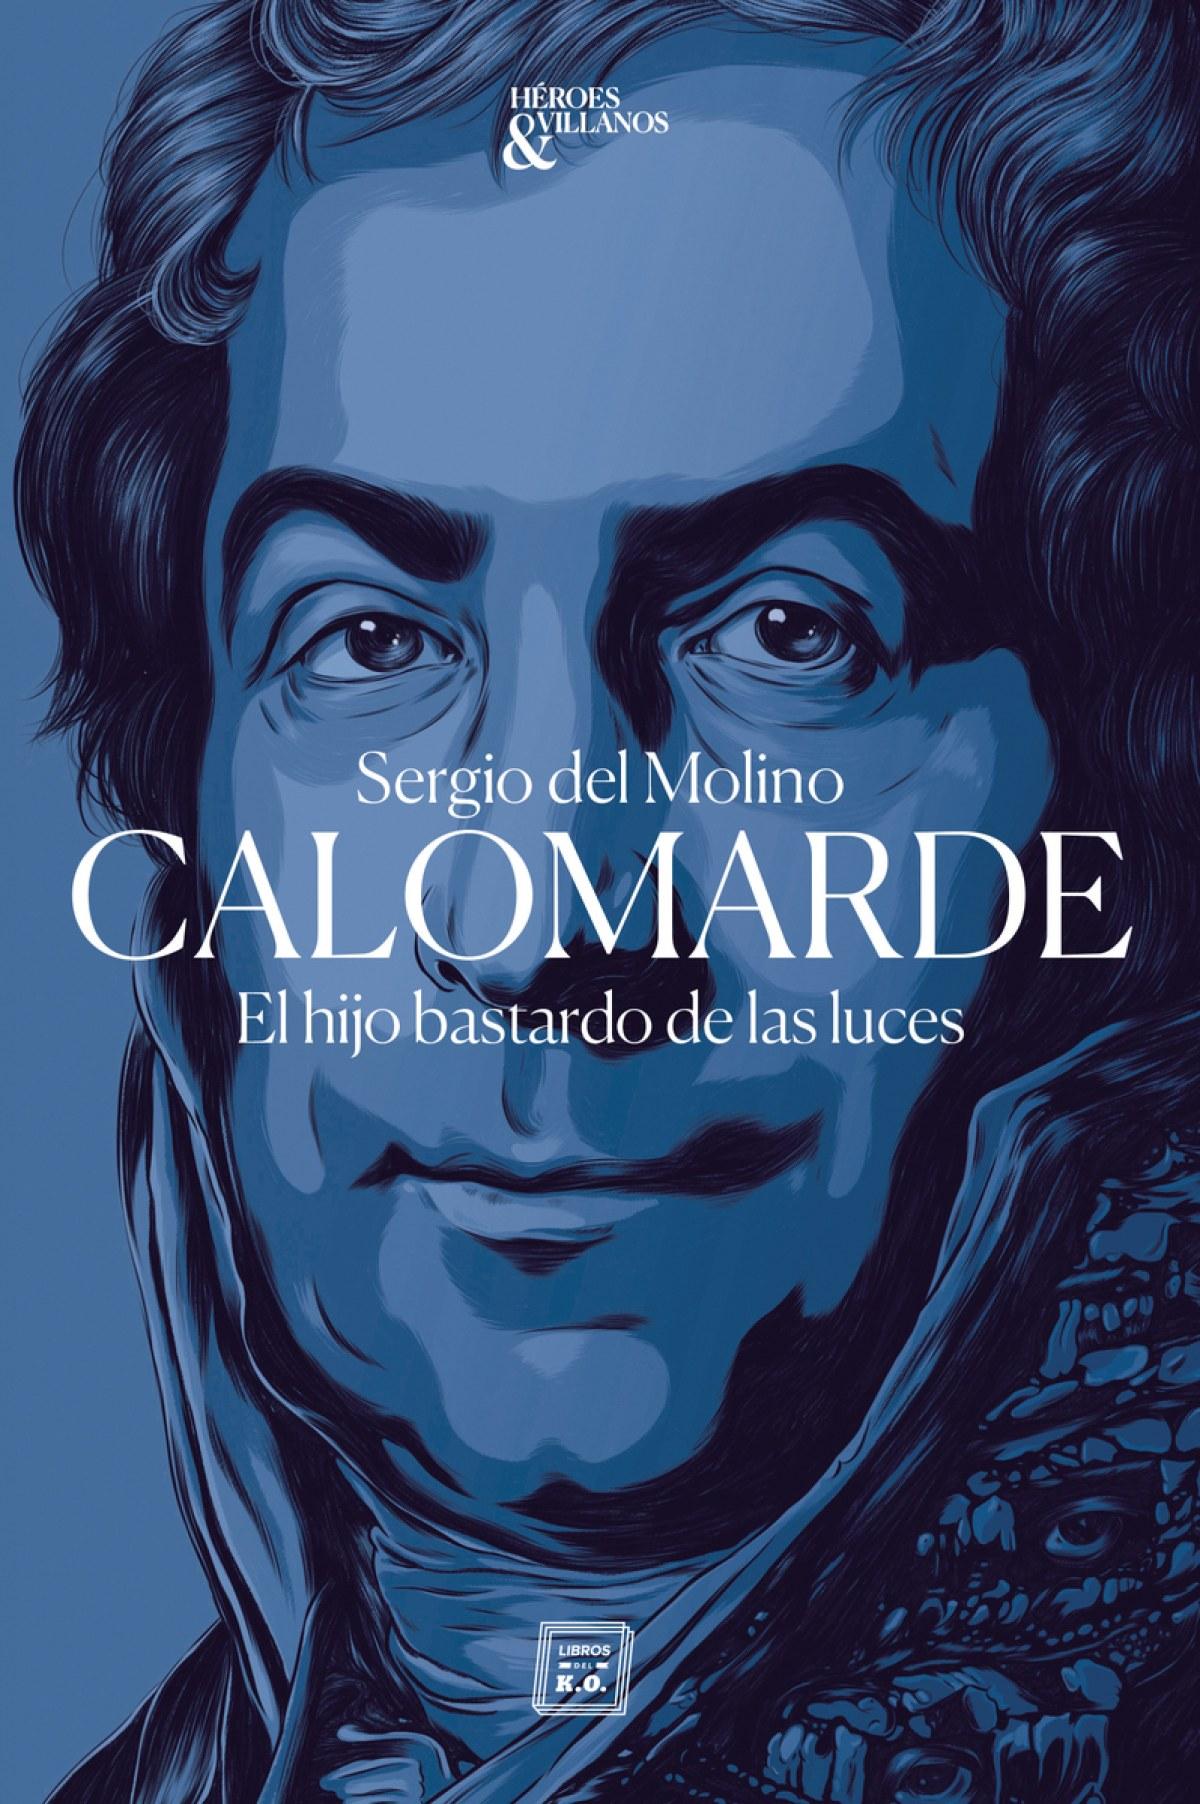 Calomarde 9788417678289